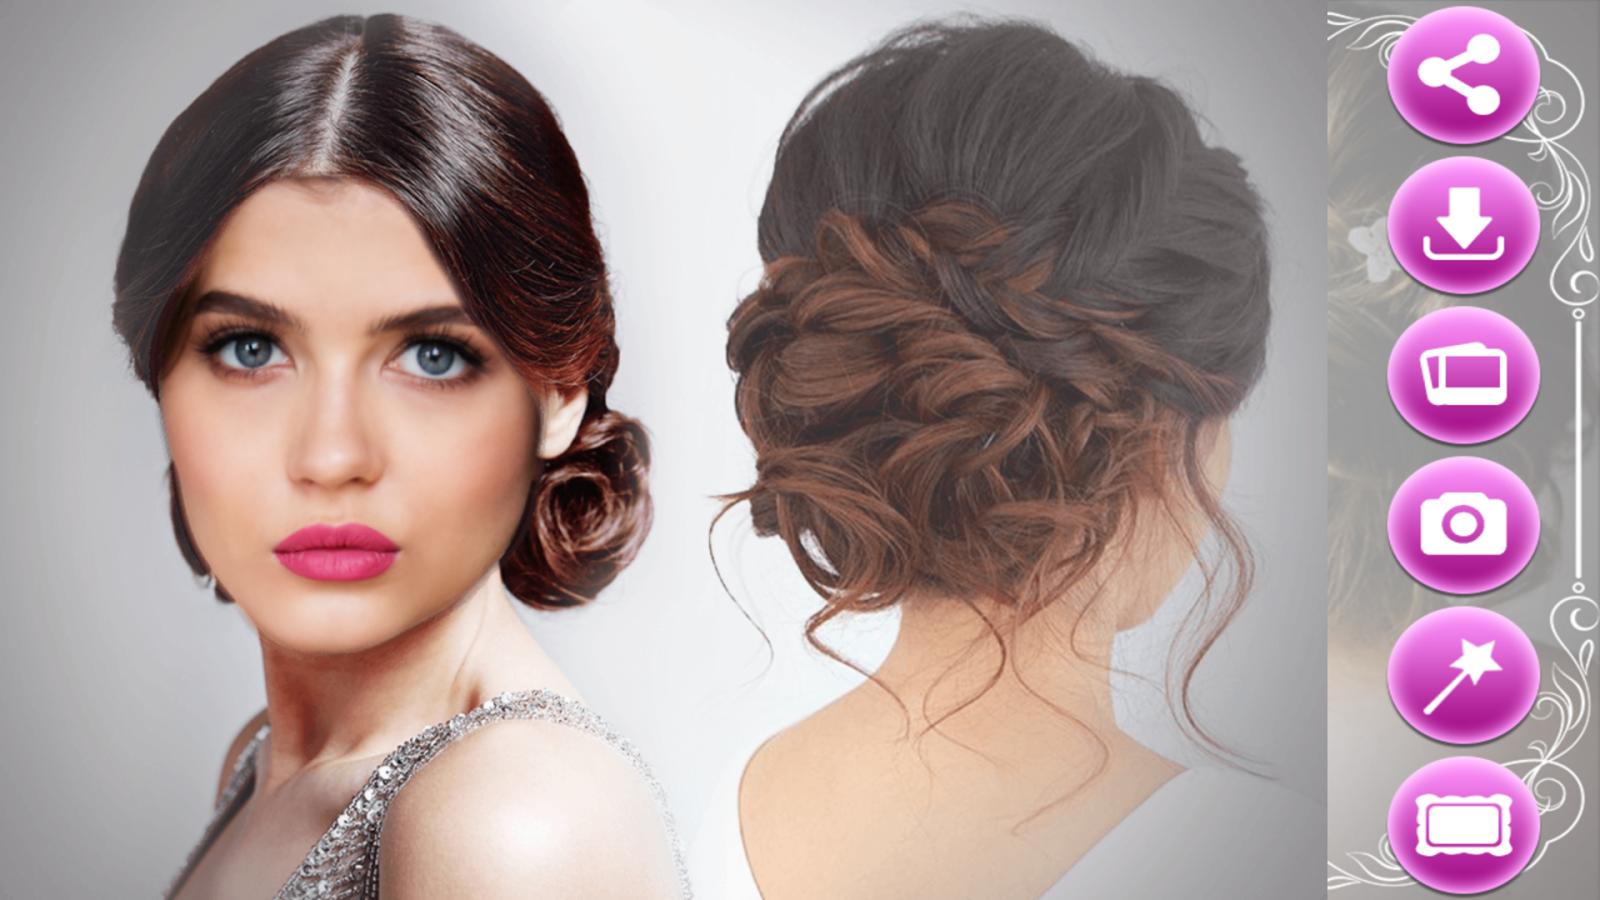 Gaya Rambut Untuk Prom Night Apl Android Di Google Play